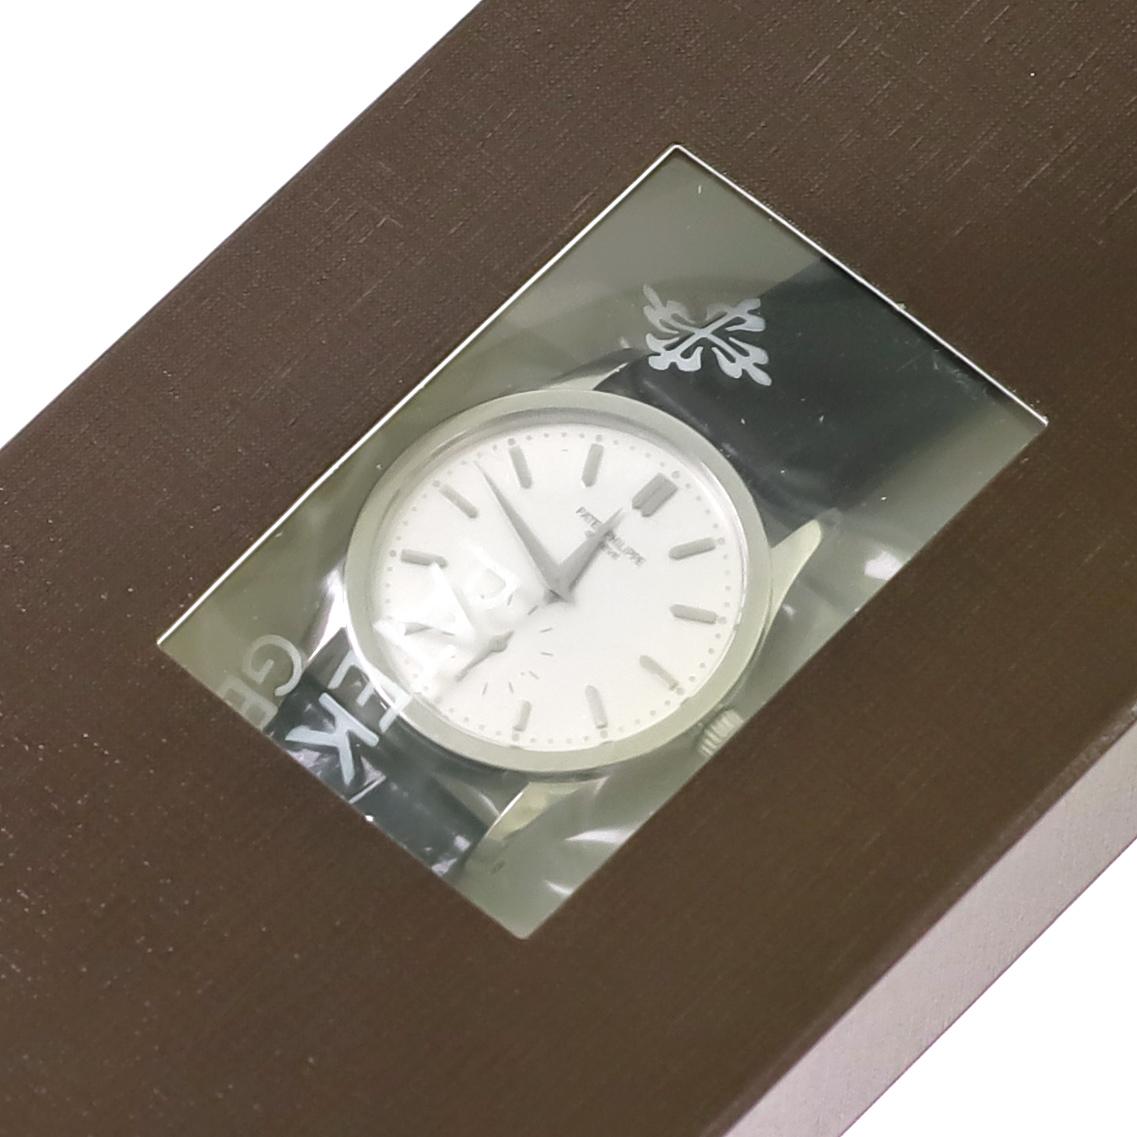 【1991年製】カラトラバ Ref.3796G-013